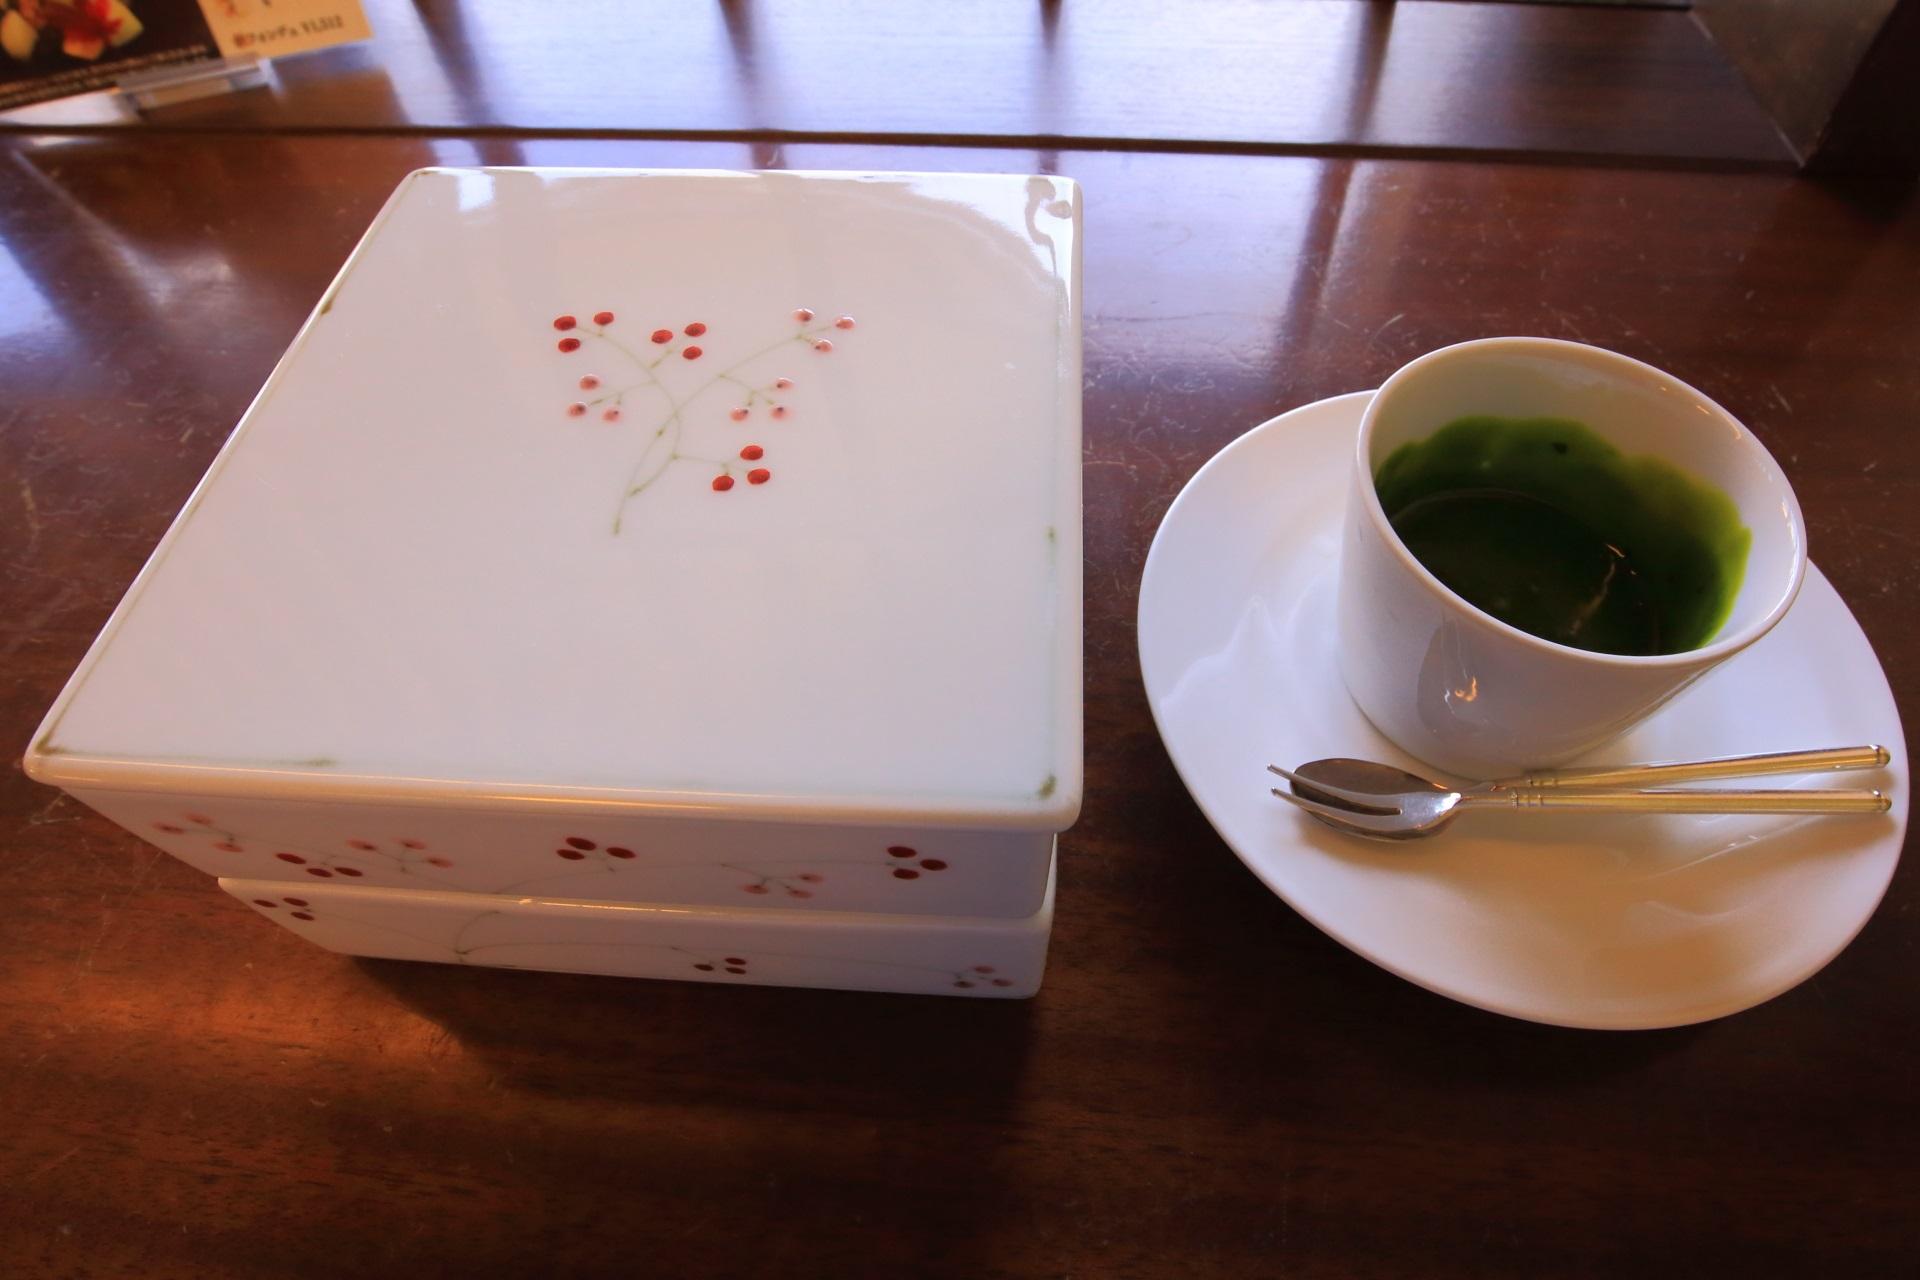 京洋菓子司ジュヴァンセルの祇園店限定の祇園フォンデュ